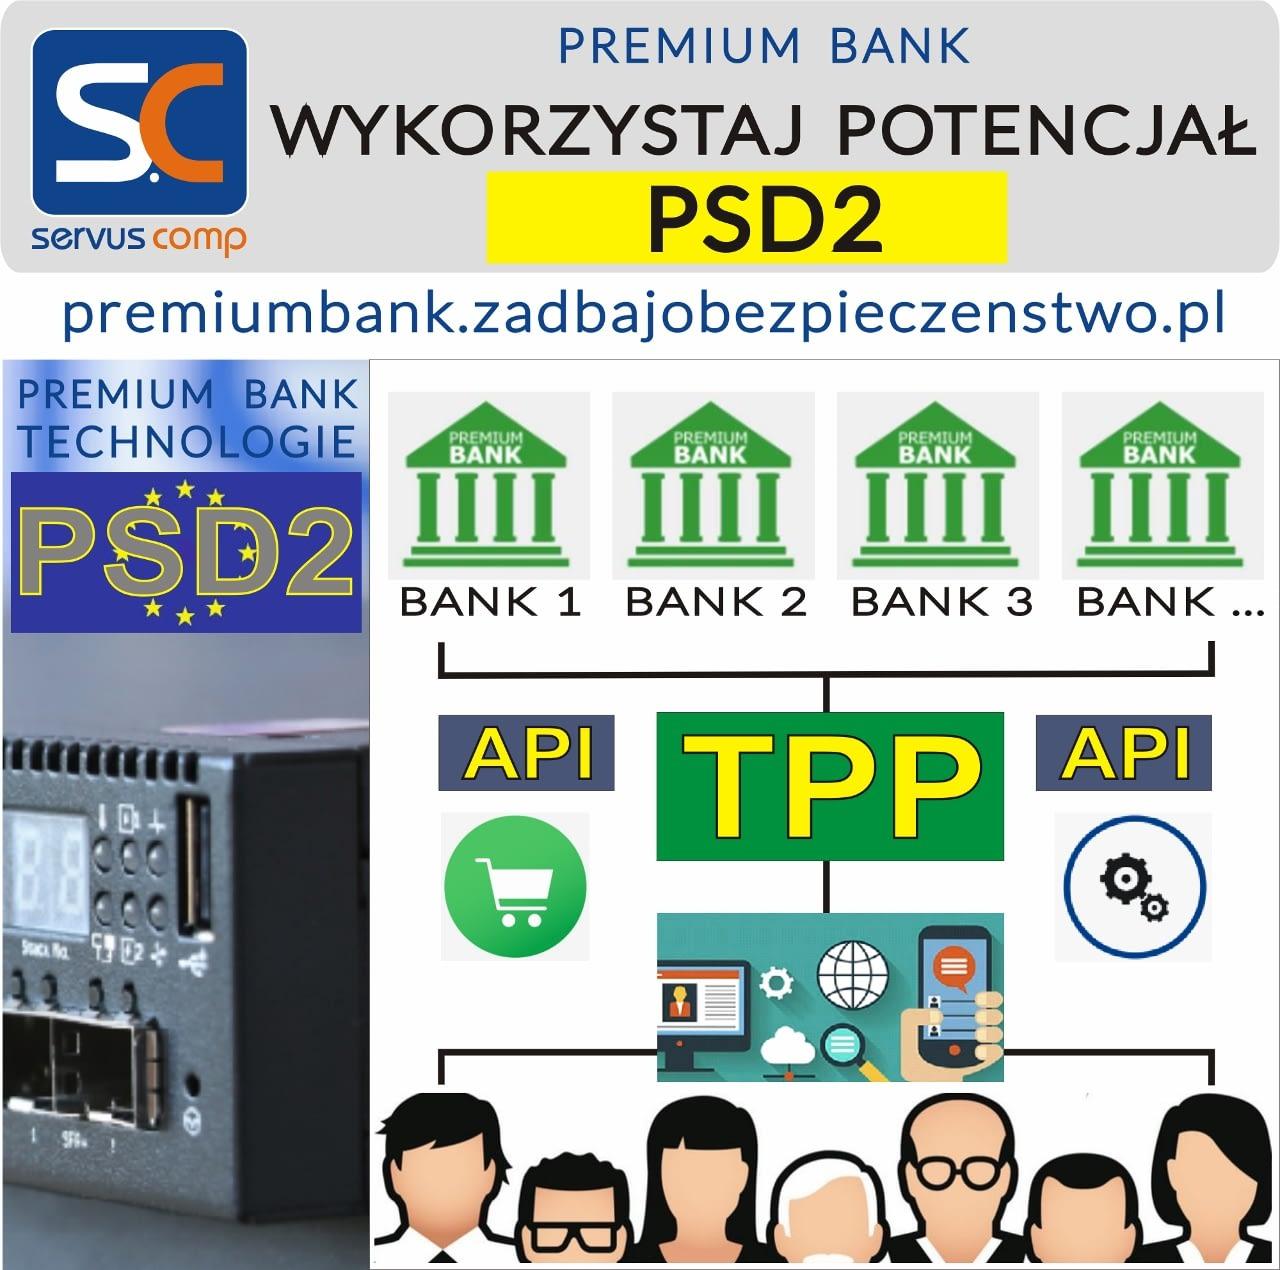 PSD2 - WYKORZYSTAJ POTENCJAŁ PSD2 Servus Comp